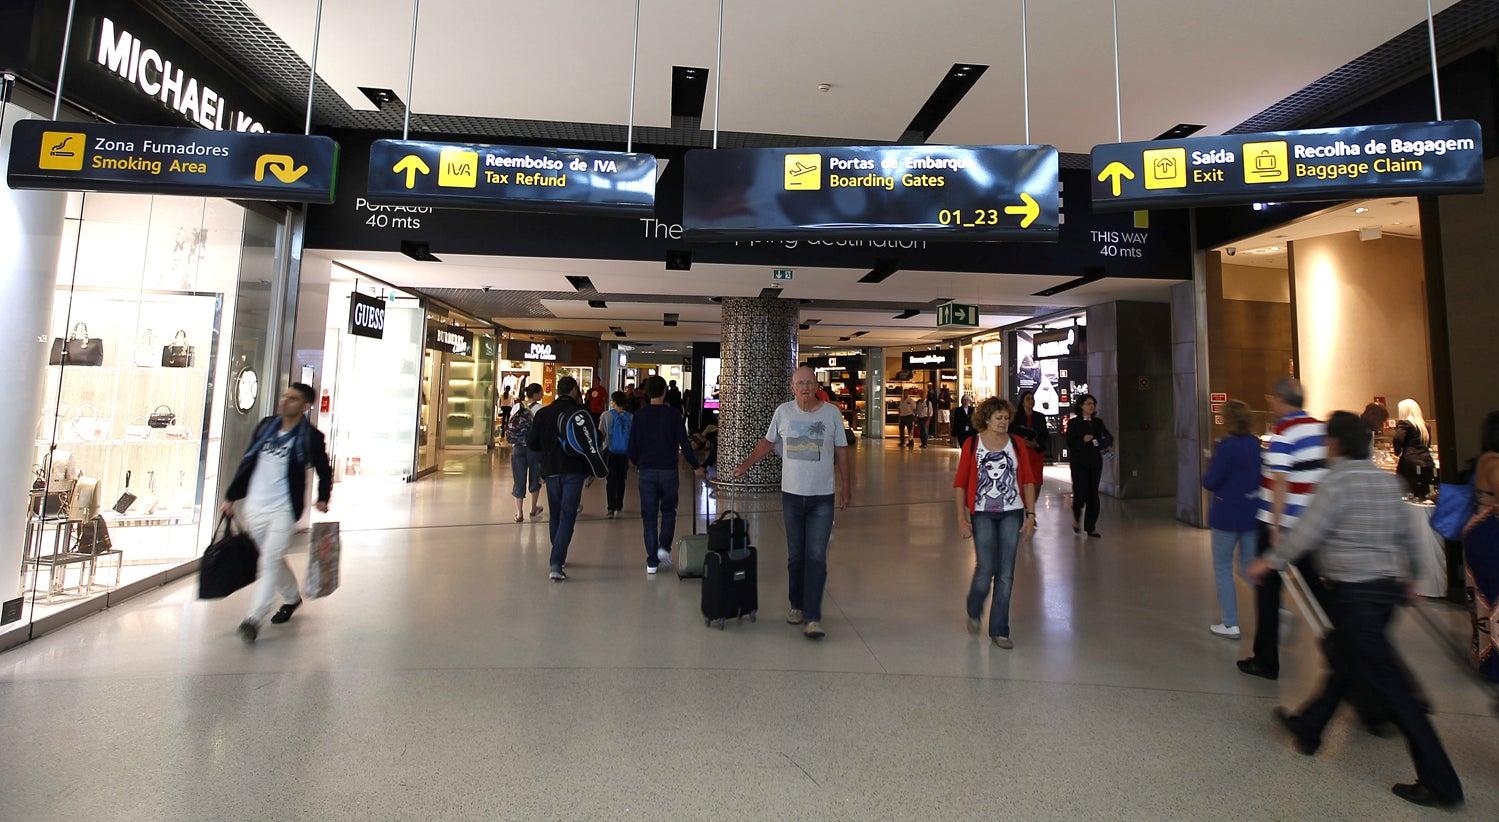 Argelinos detidos no aeroporto de Lisboa presentes a juiz